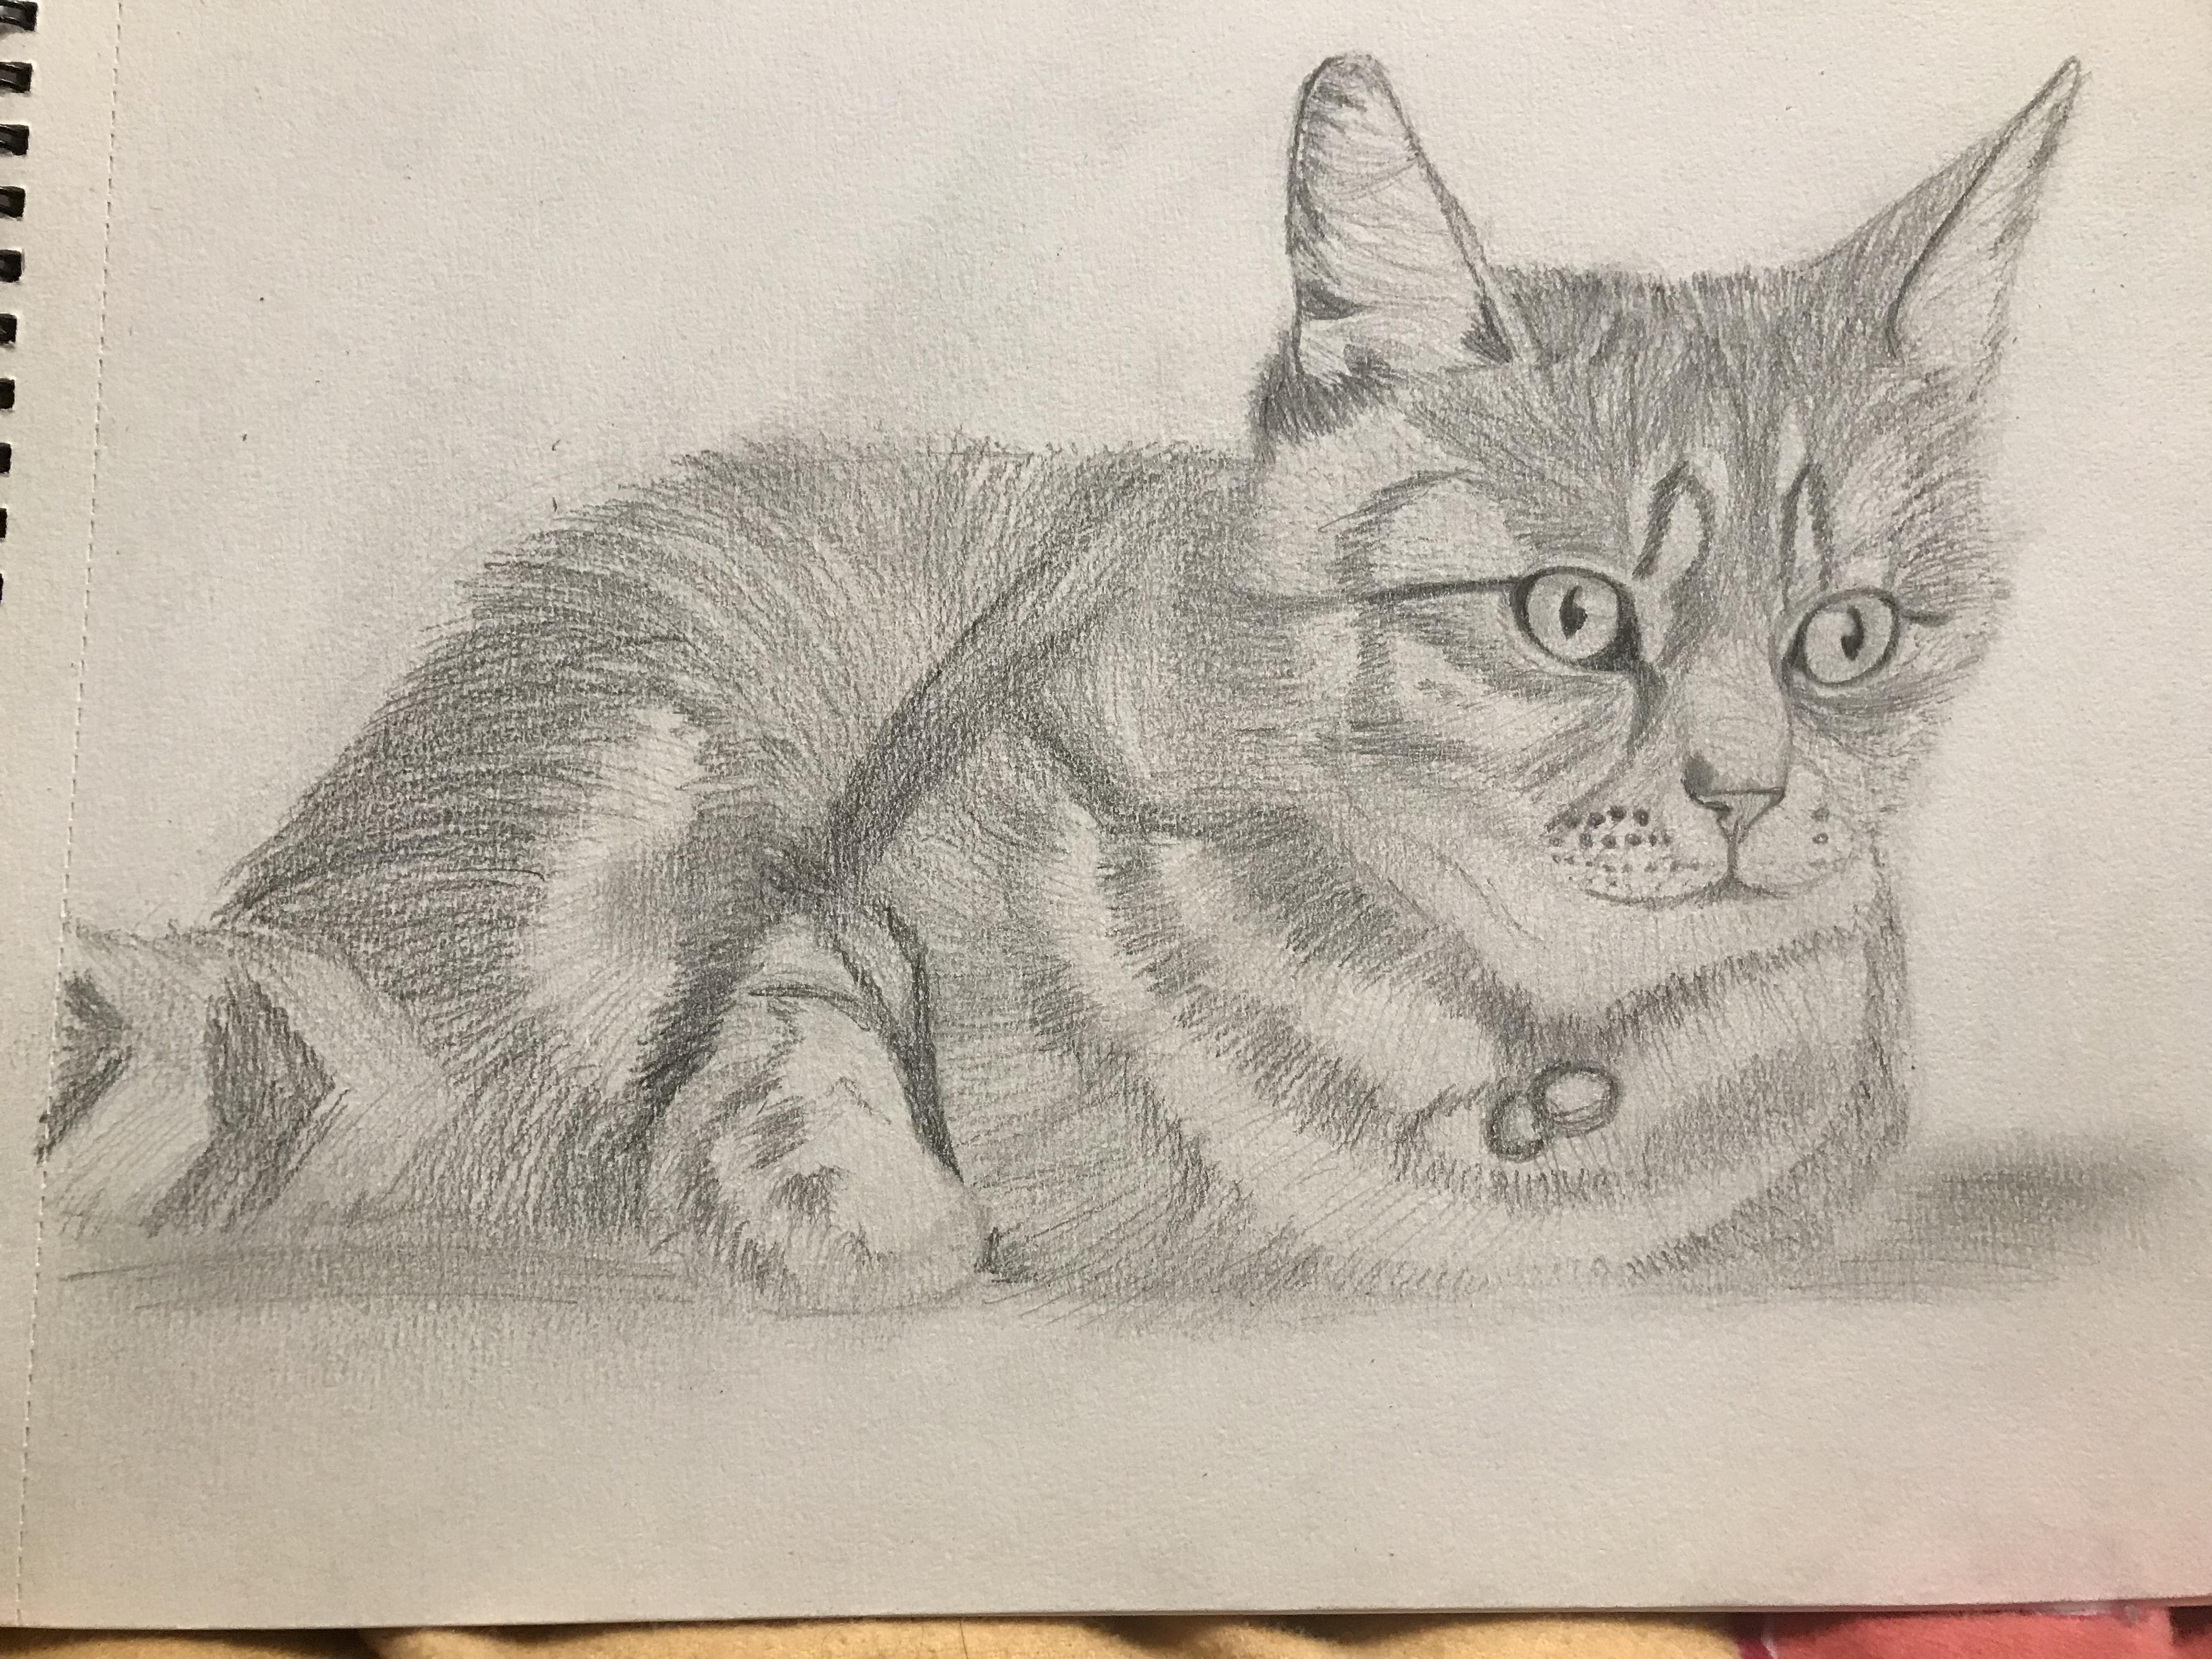 Dessin Dessin d?un chat de Maeva